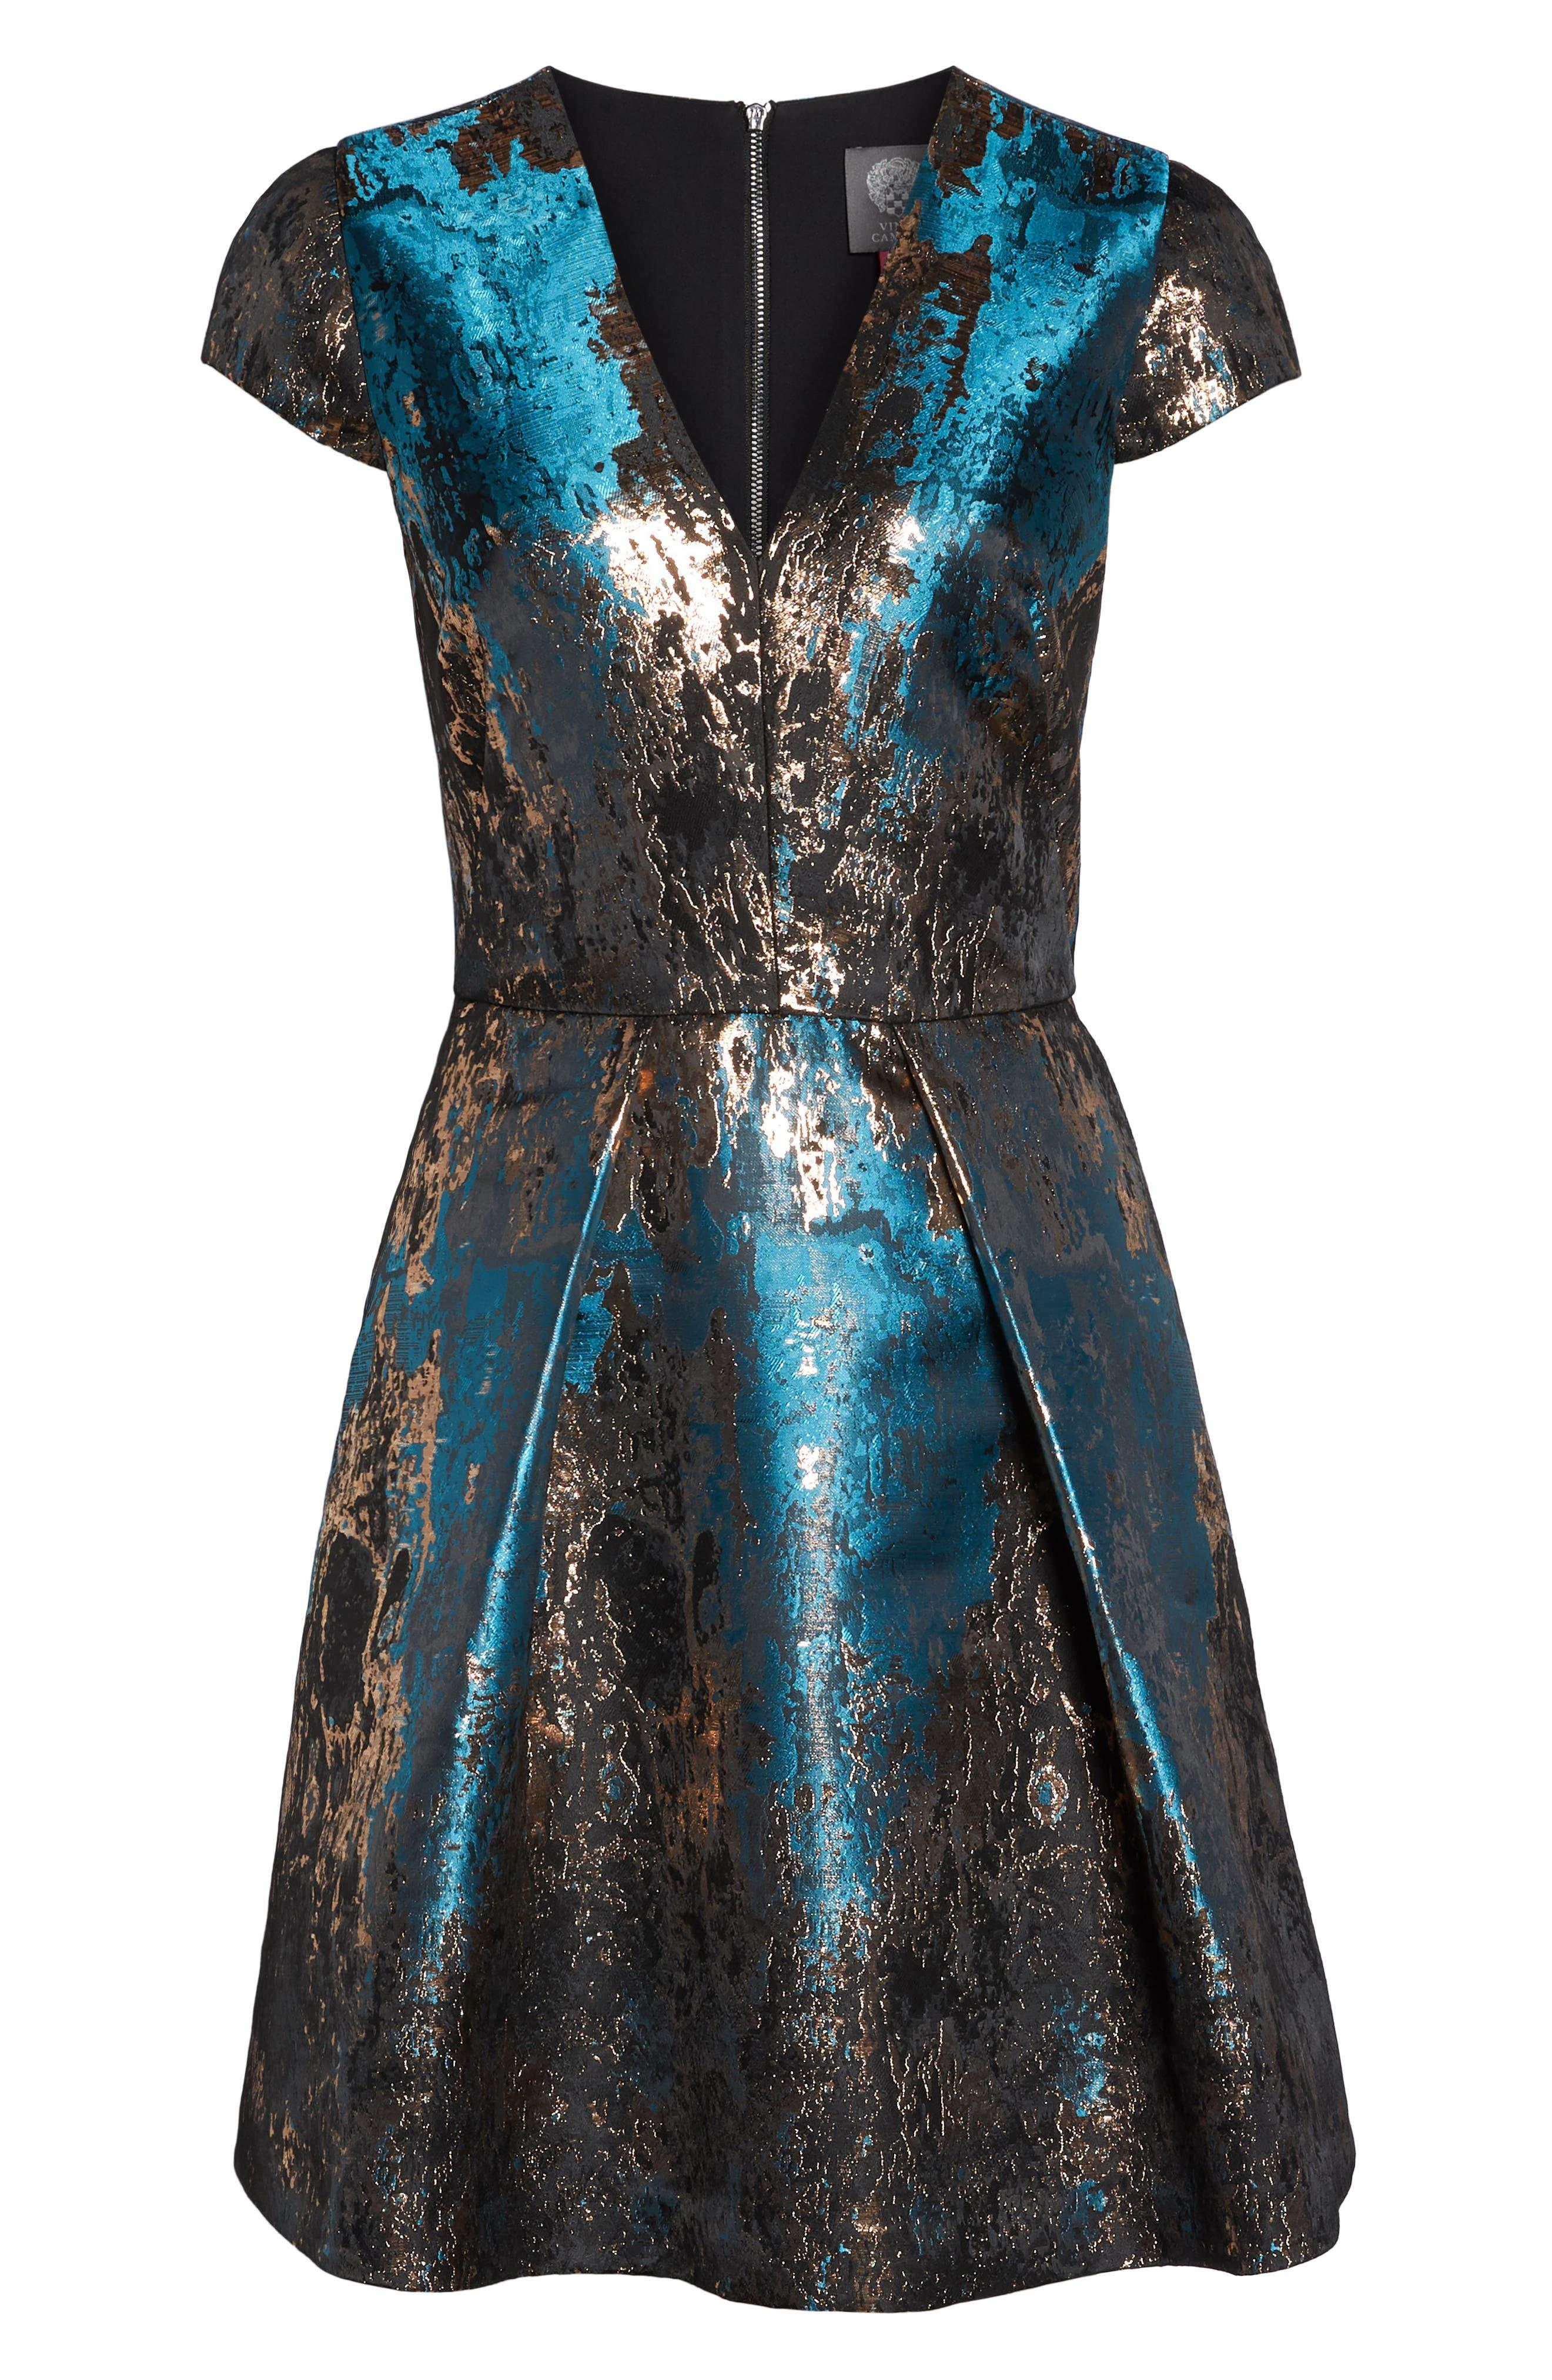 Jacquard Fit & Flare Dress,                             Alternate thumbnail 7, color,                             TEAL MULTI